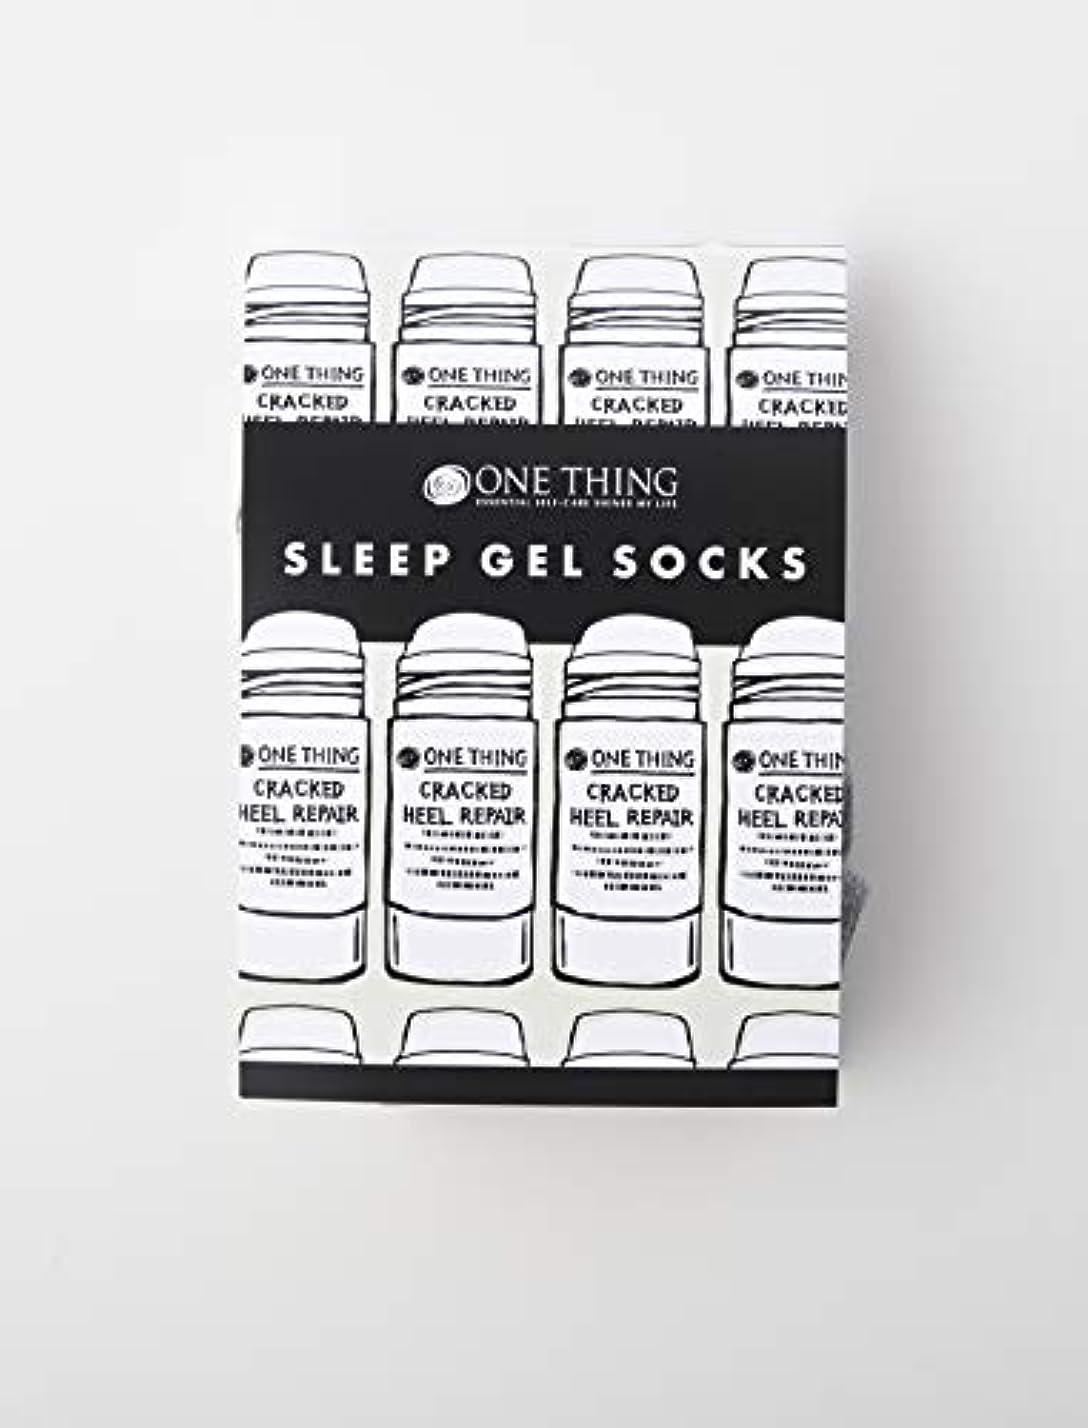 誘う遊具化学薬品ワンシング クラックドヒール スリープジェルソックス(お休みソックス)寝ている間に踵つるつる。